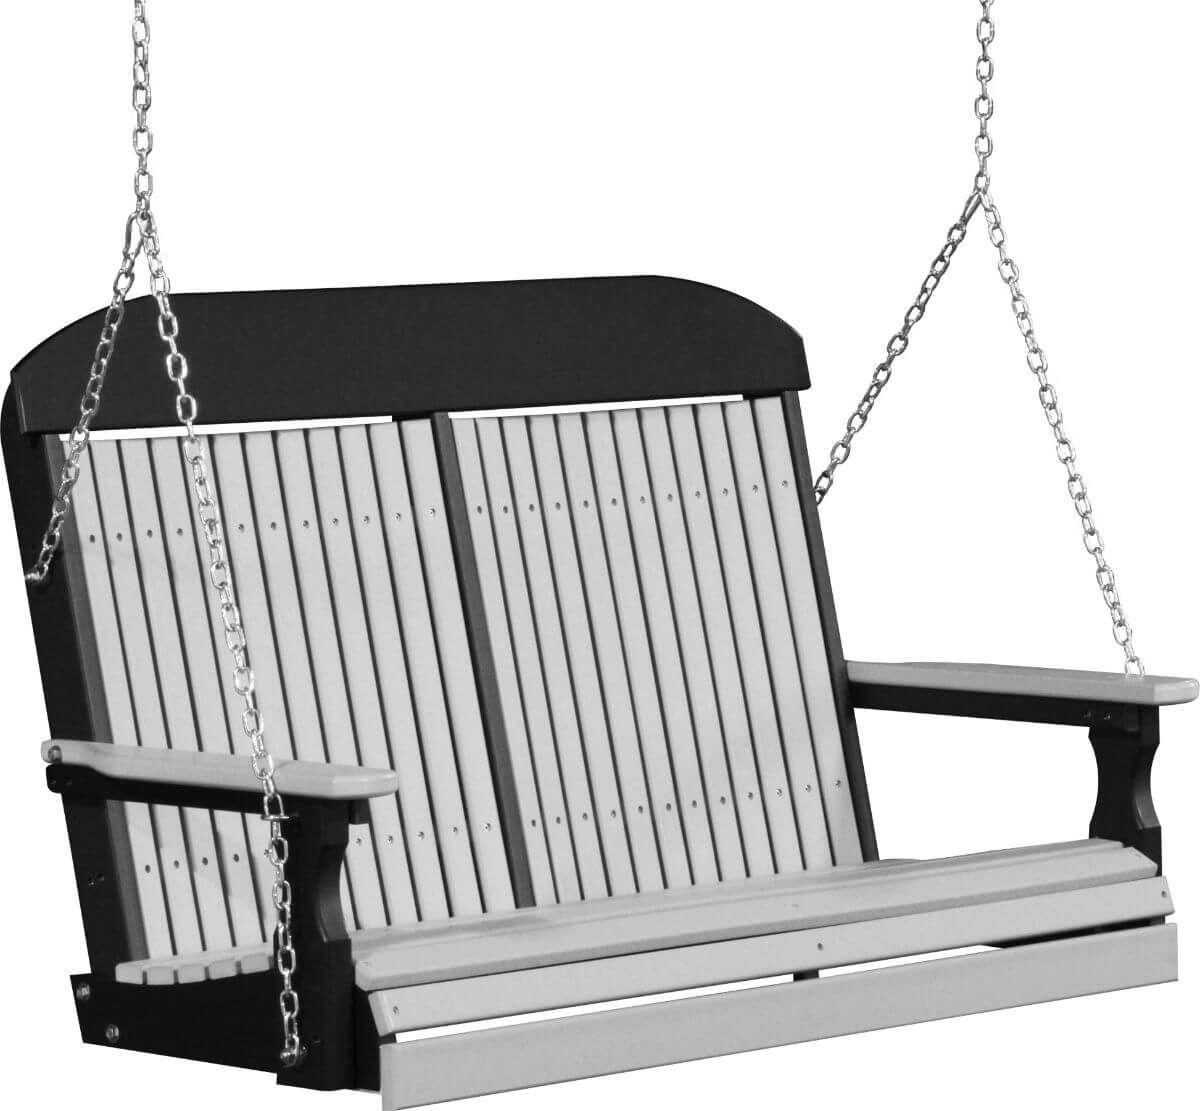 Dove Gray and Black Stockton Porch Swing